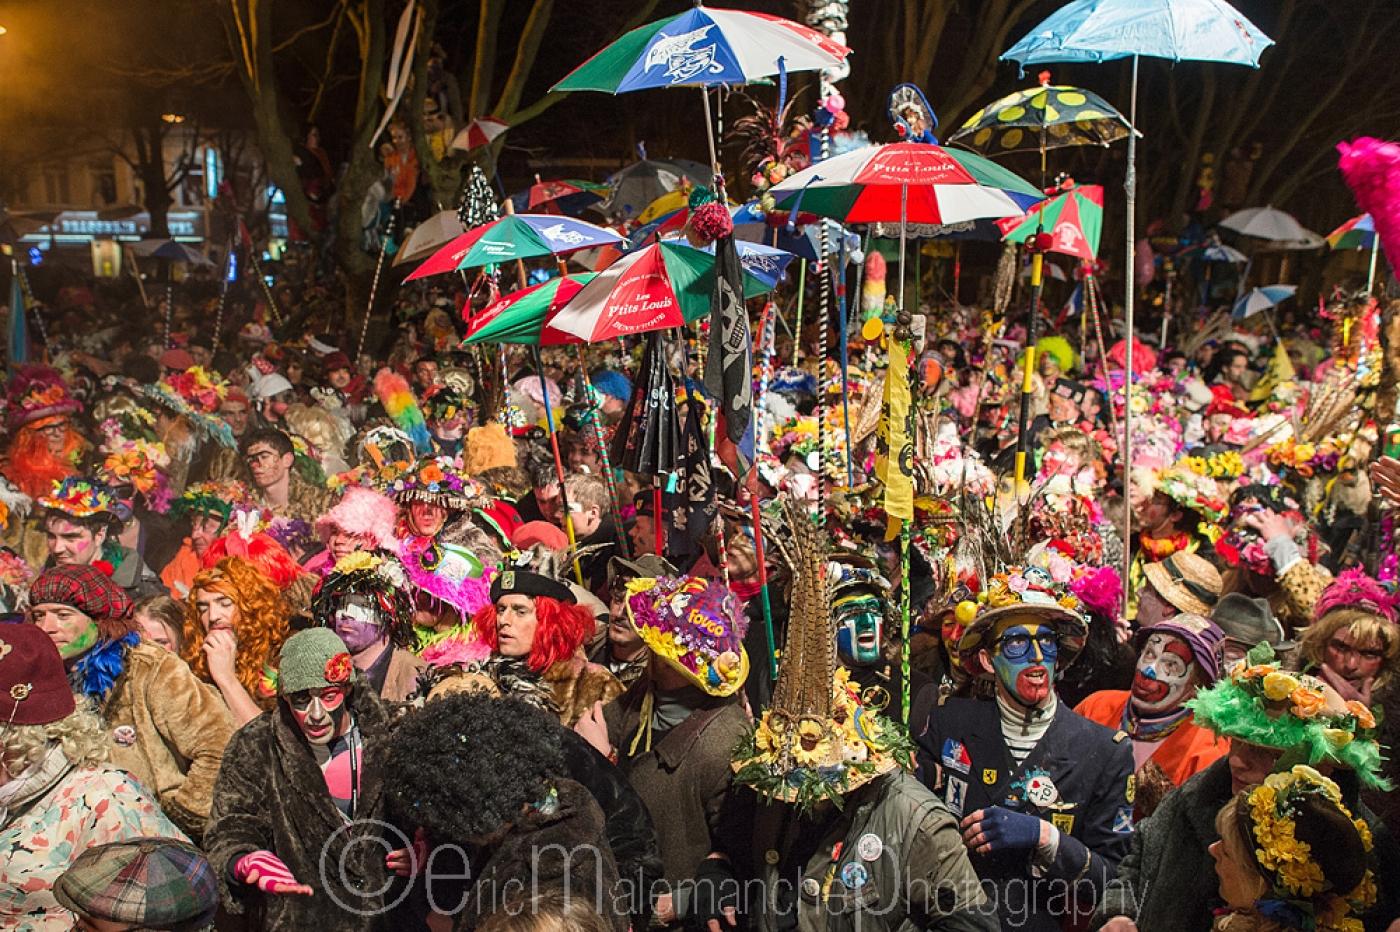 https://www.ericmalemanche.com/imagess/topics/carnaval-de-dunkerque/liste/Carnaval-Dunkerque-6602.jpg